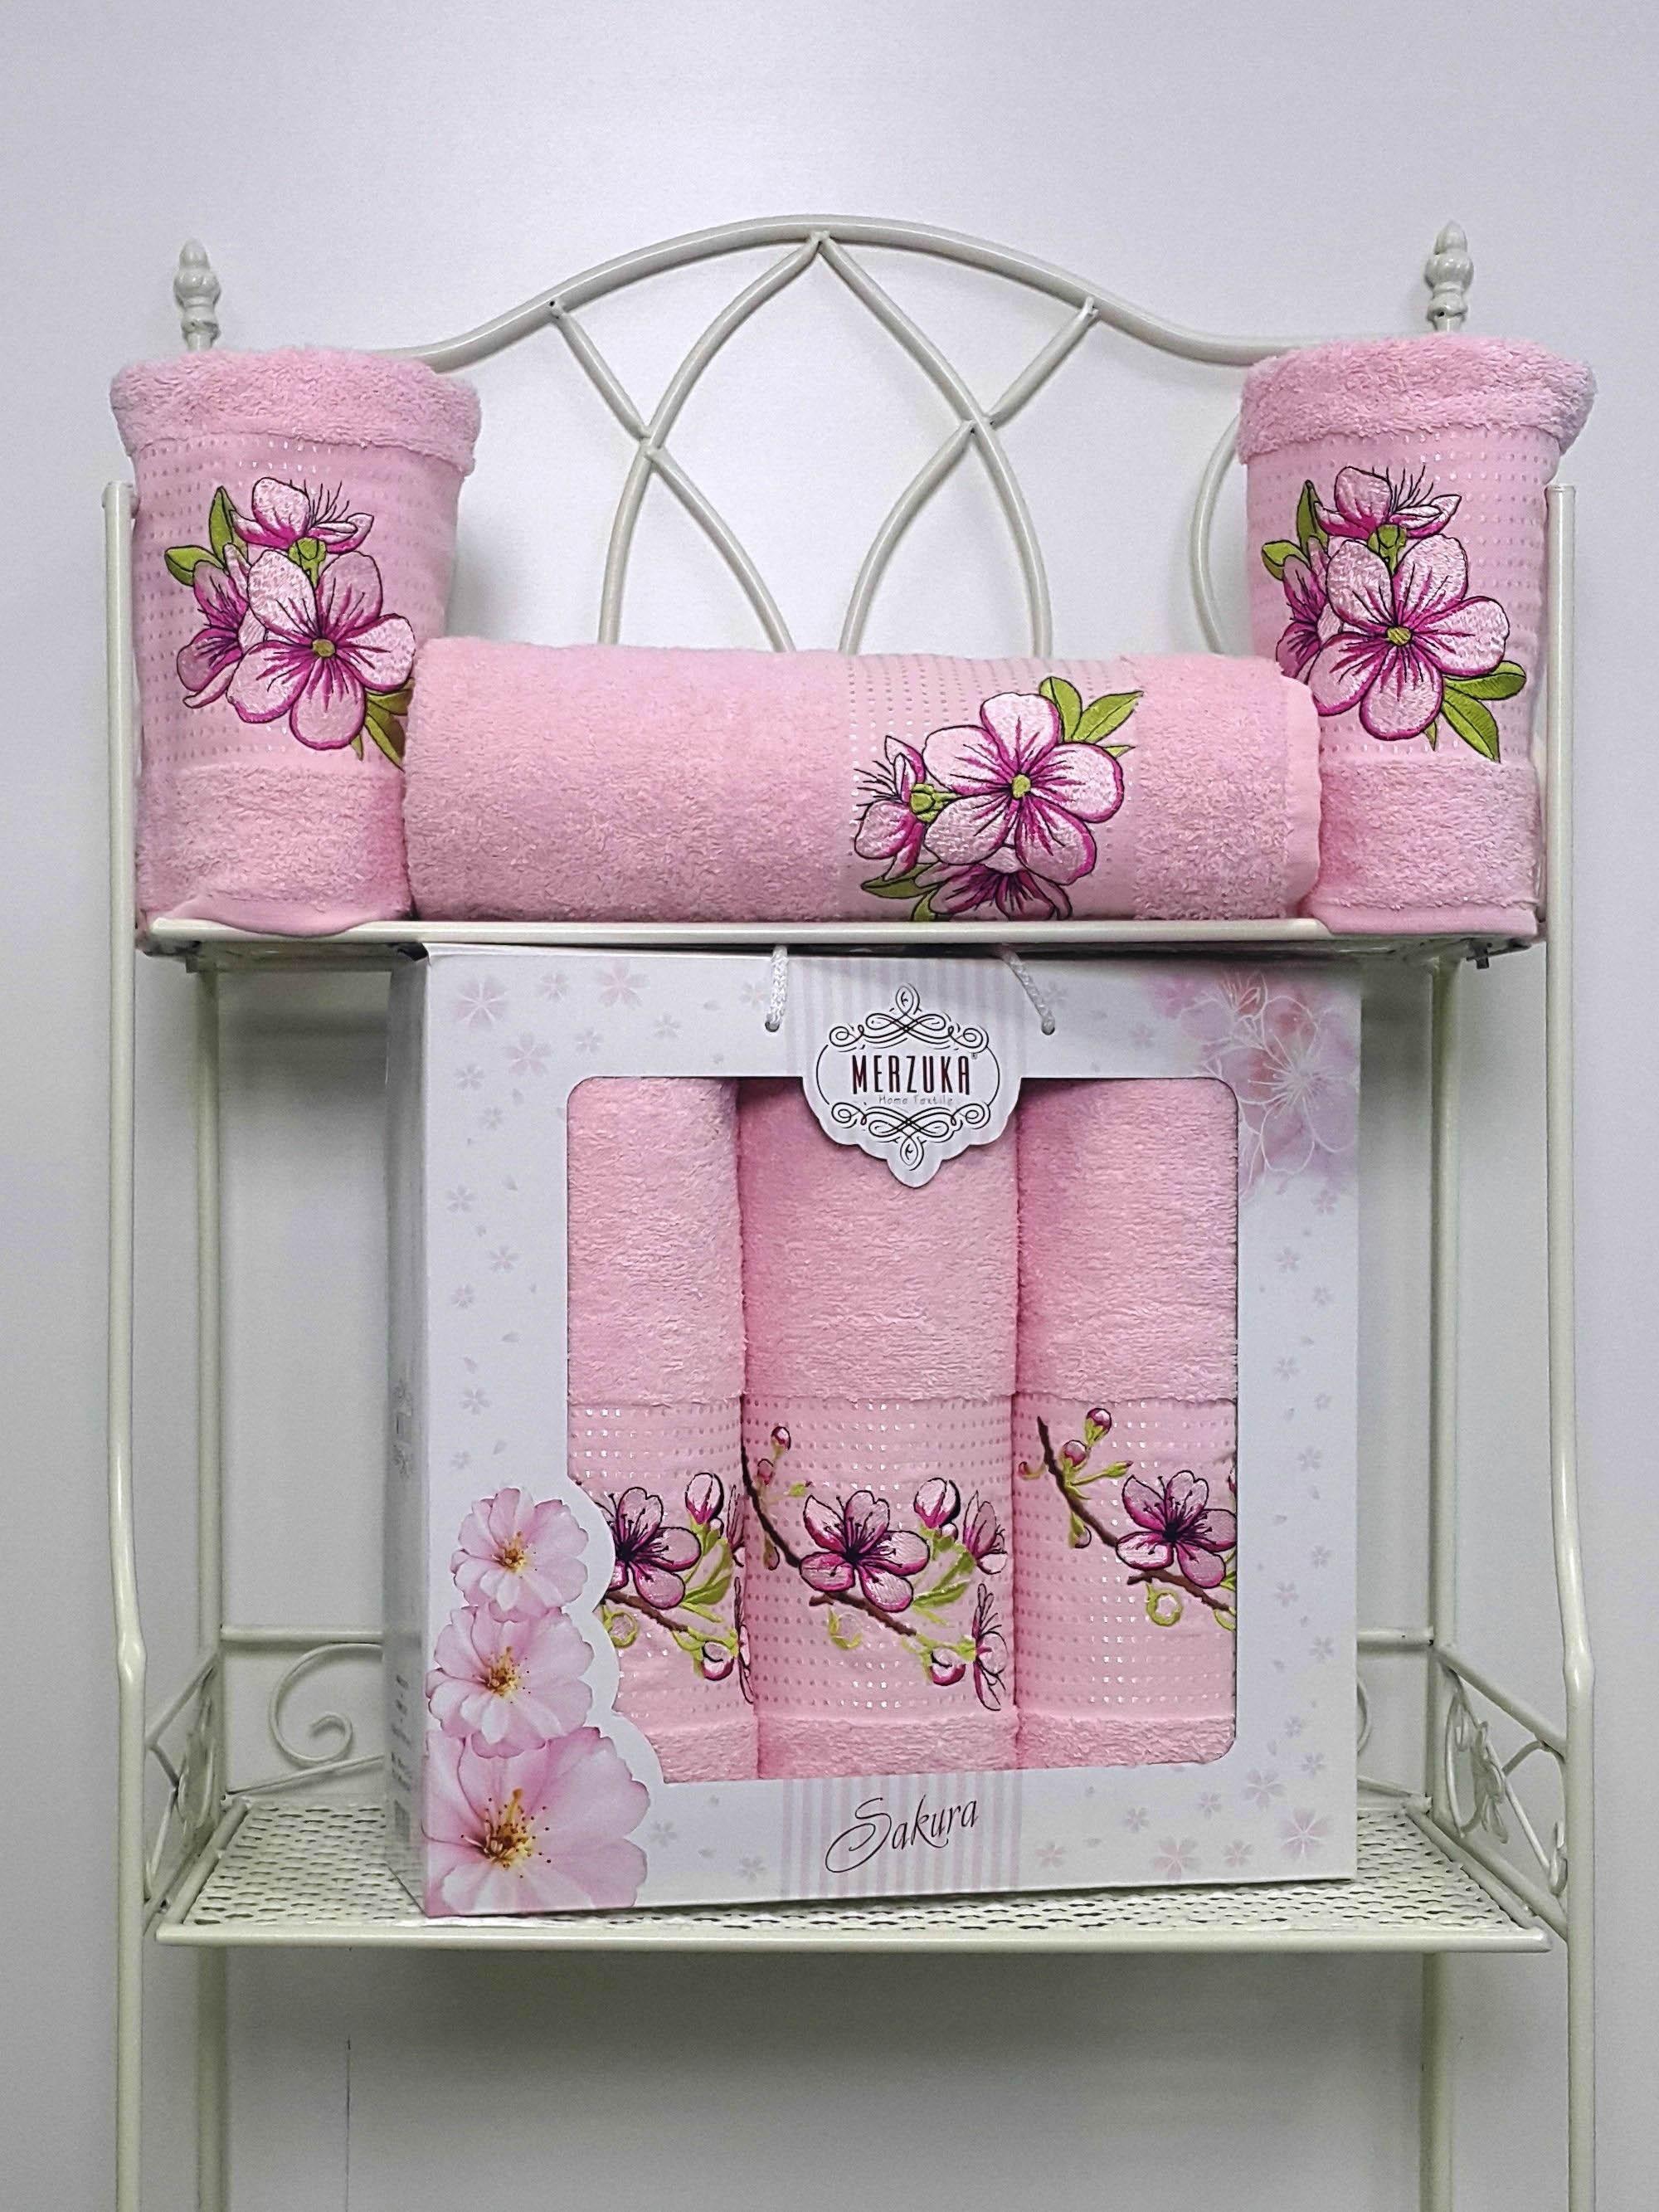 Полотенца Oran Merzuka Полотенце Sakura Цвет: Светло-Розовый (Набор) полотенца oran merzuka полотенце sakura цвет светло лиловый набор